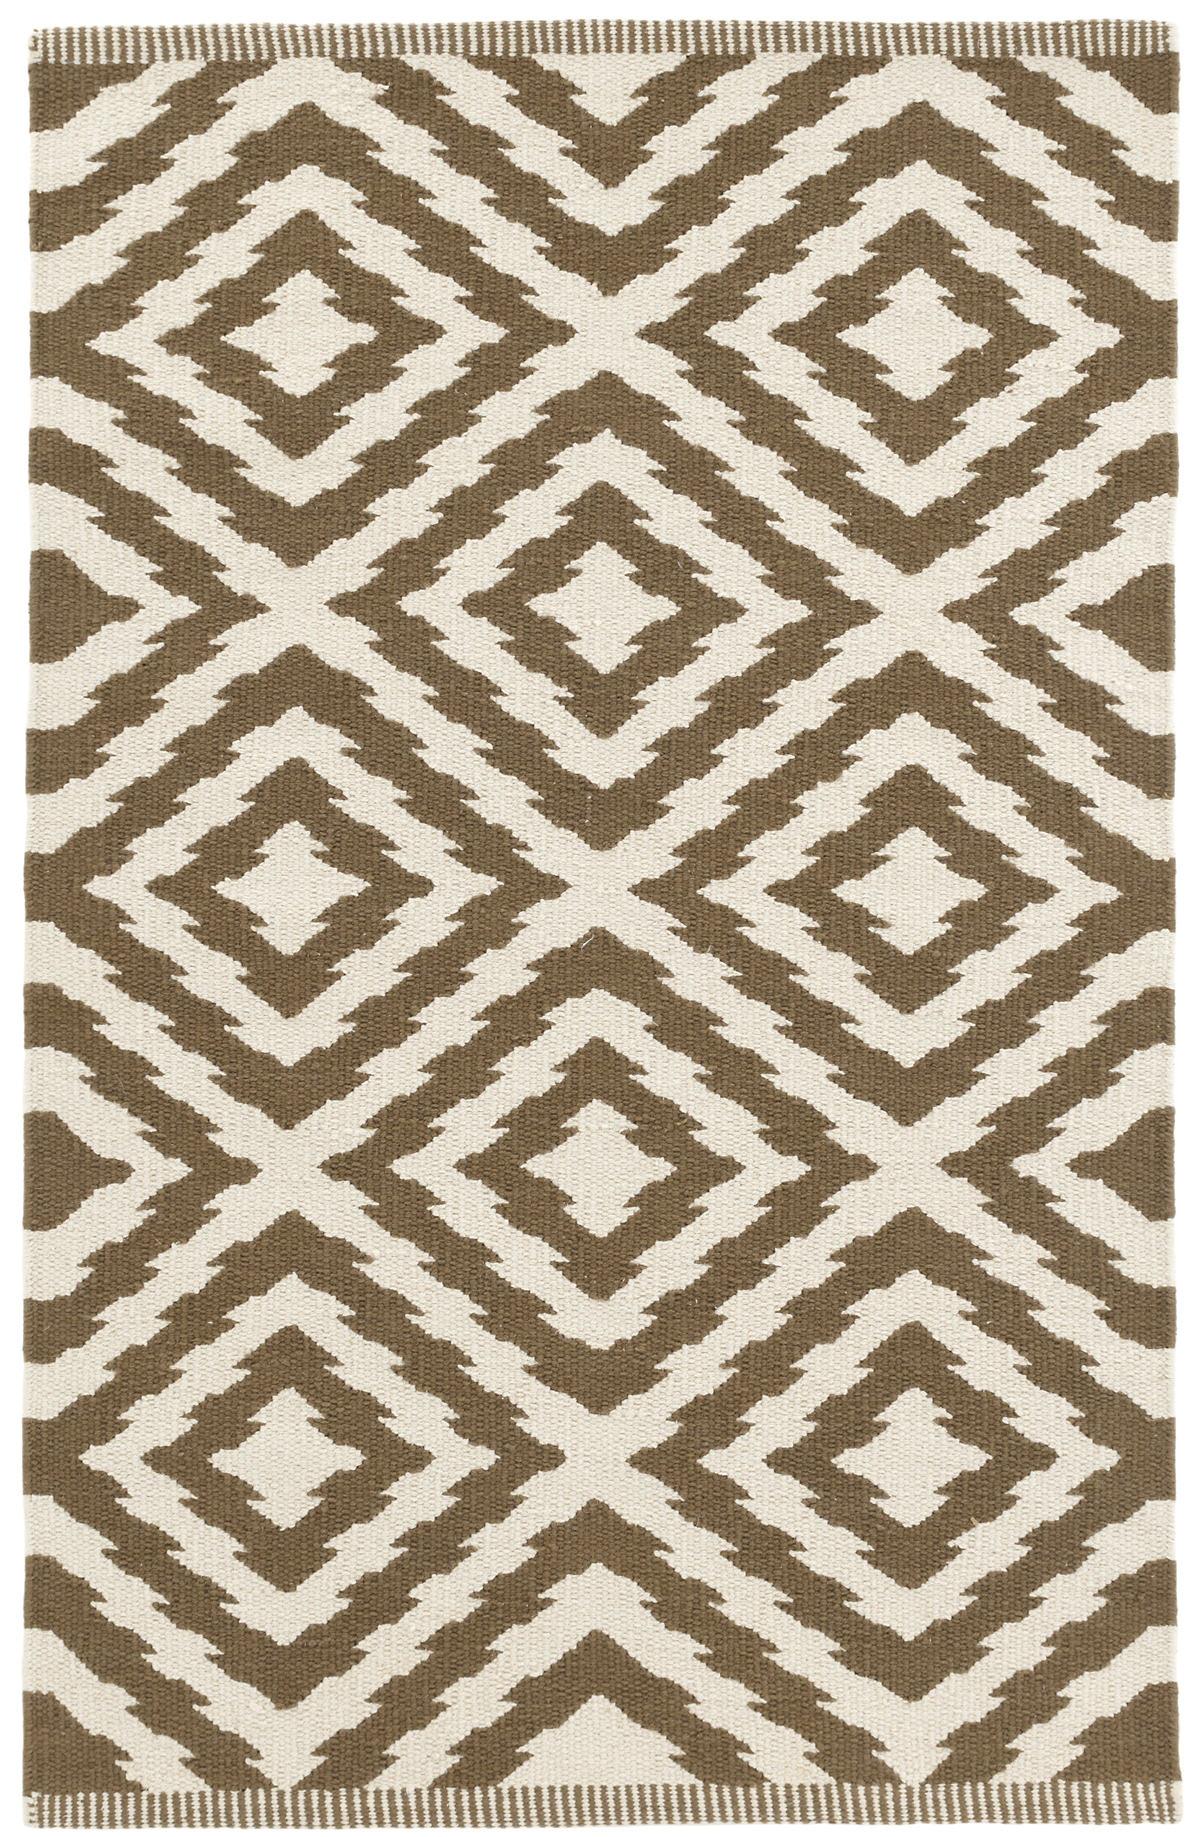 Clover Camel Woven Cotton Rug